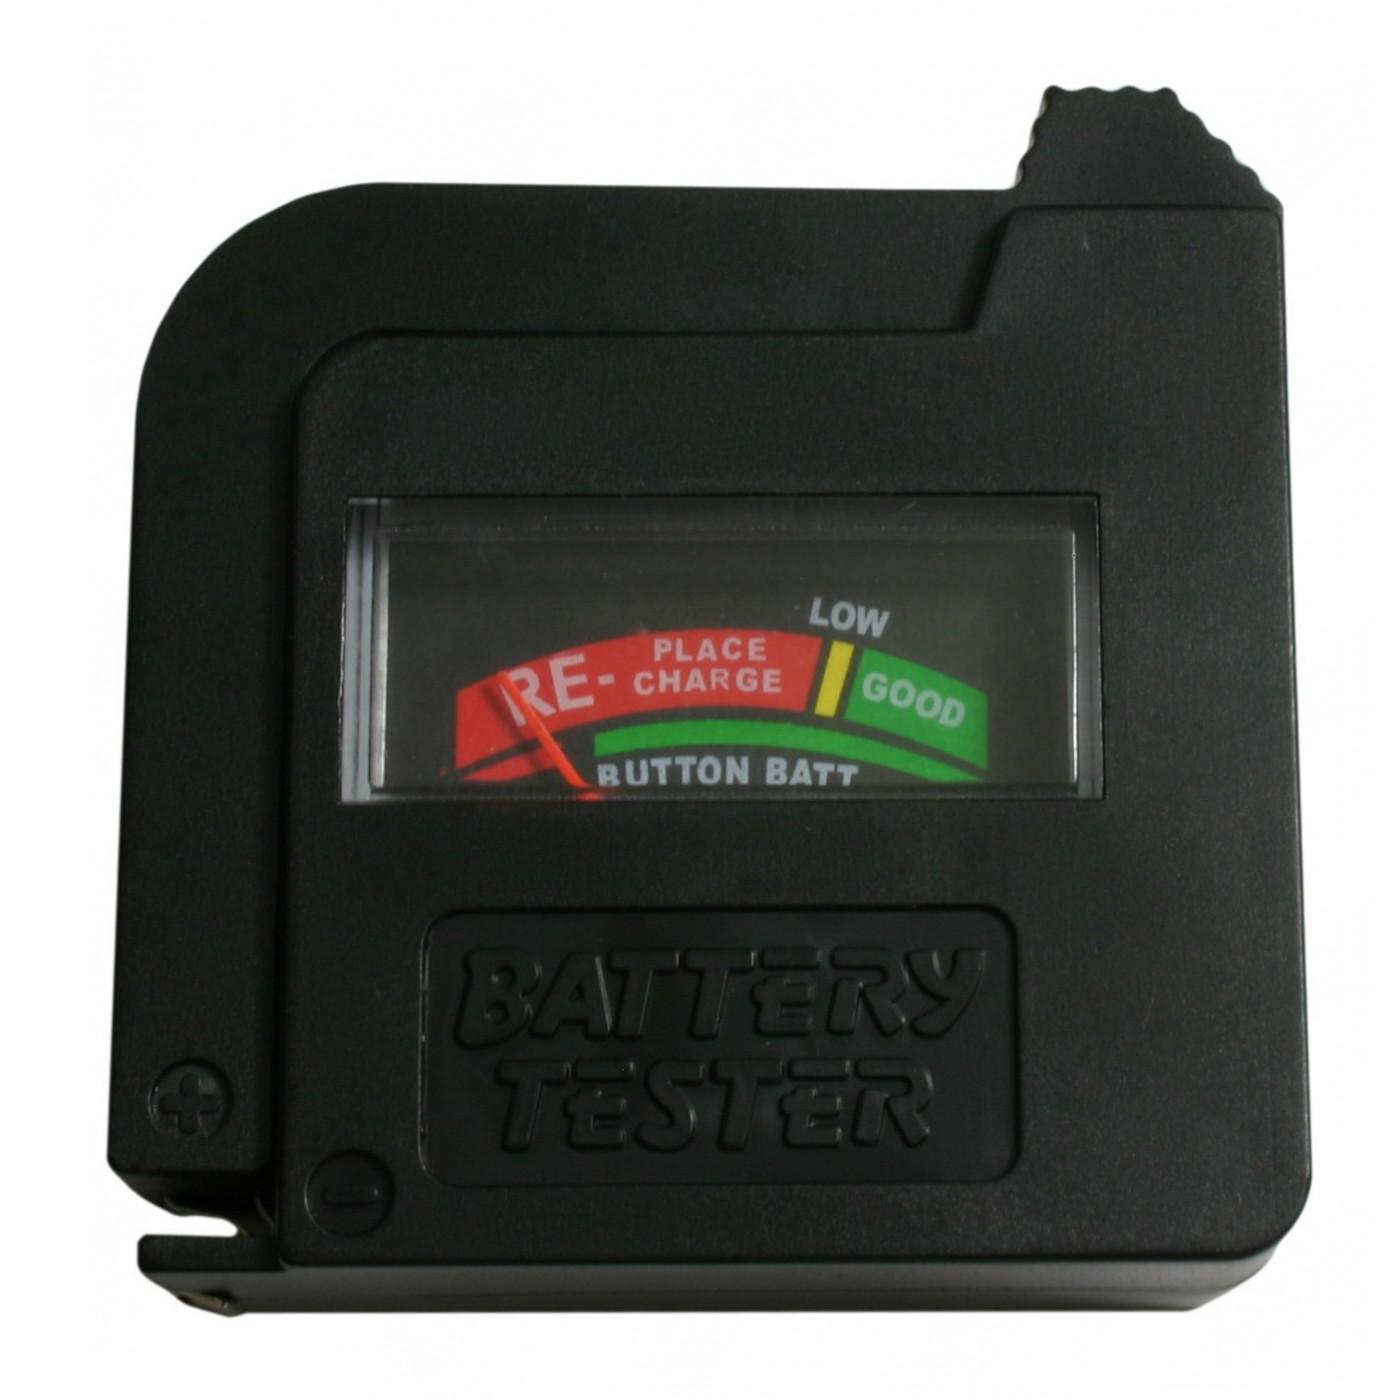 Probador de batería AA / AAA / C / D / 9V / 1.5V  - 1